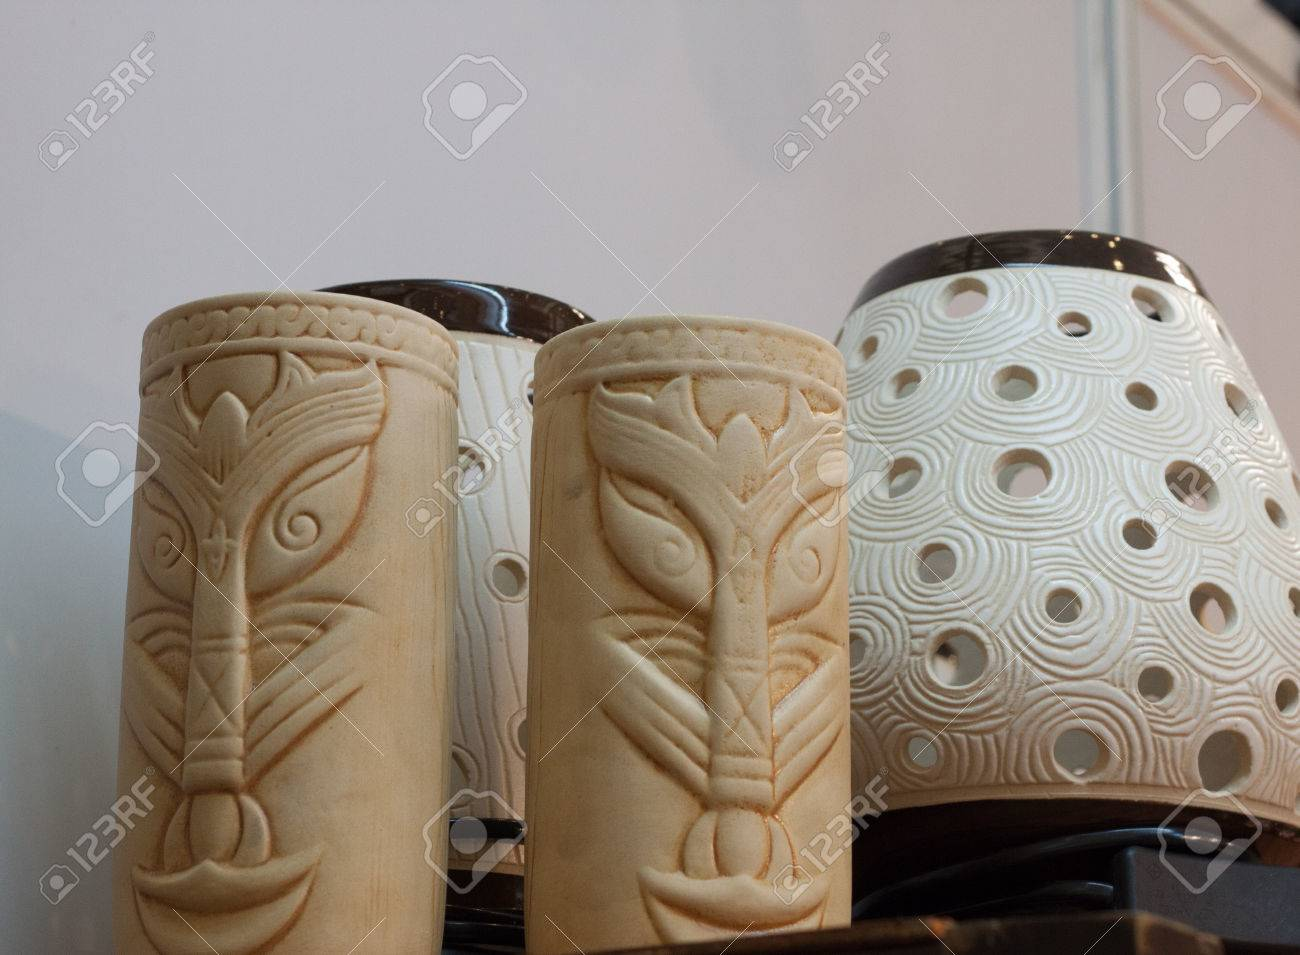 Poterie en céramique argile fabriquée artisanat souvenir objet artisanal